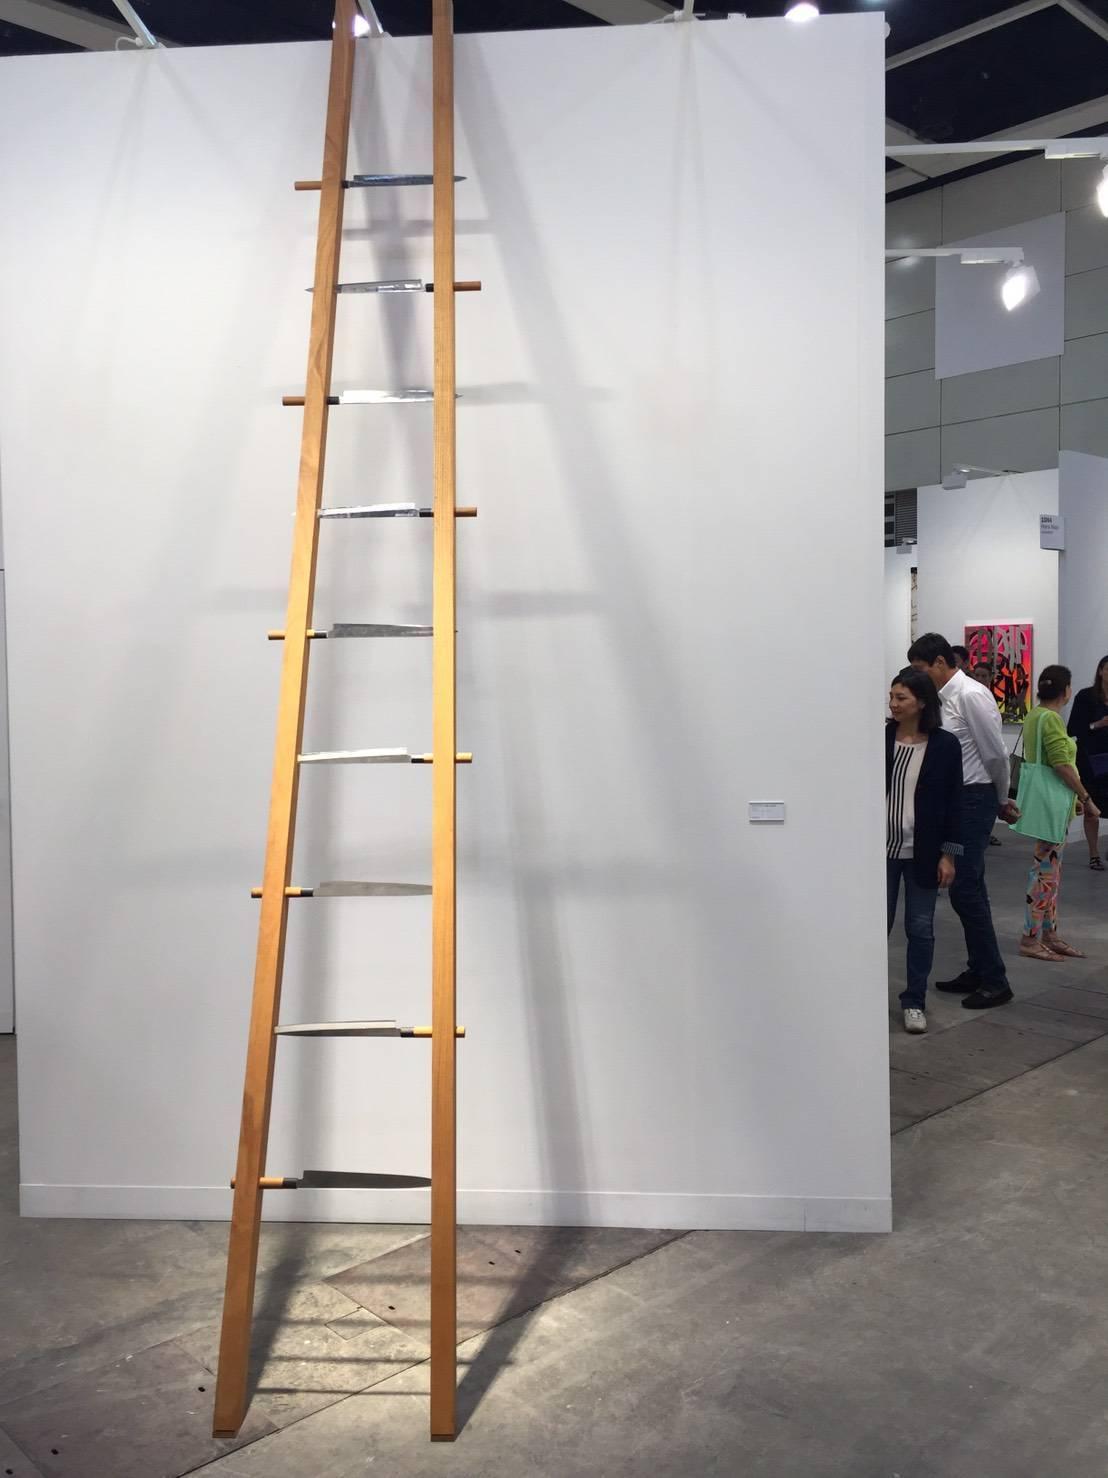 尚凱利Marina Abramovic作品Ladder